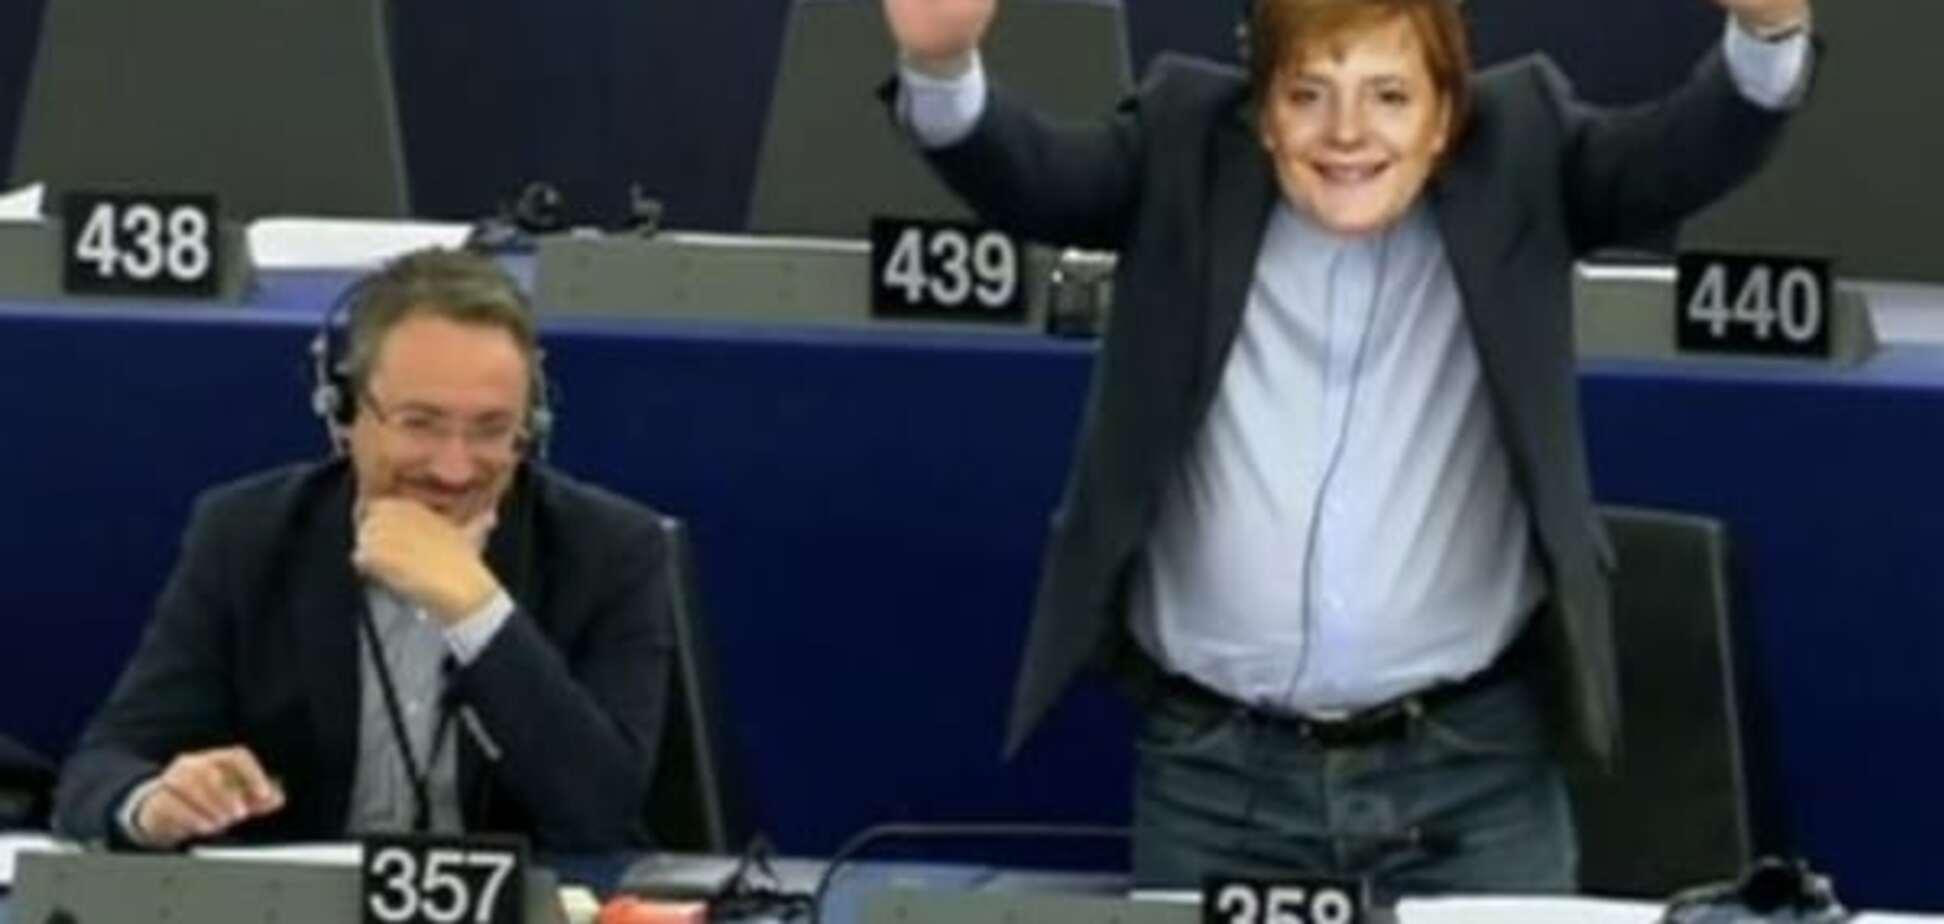 Маскарад по-европейски: евродепутата в маске Меркель выгнали с выступления Юнкера. Видеофакт